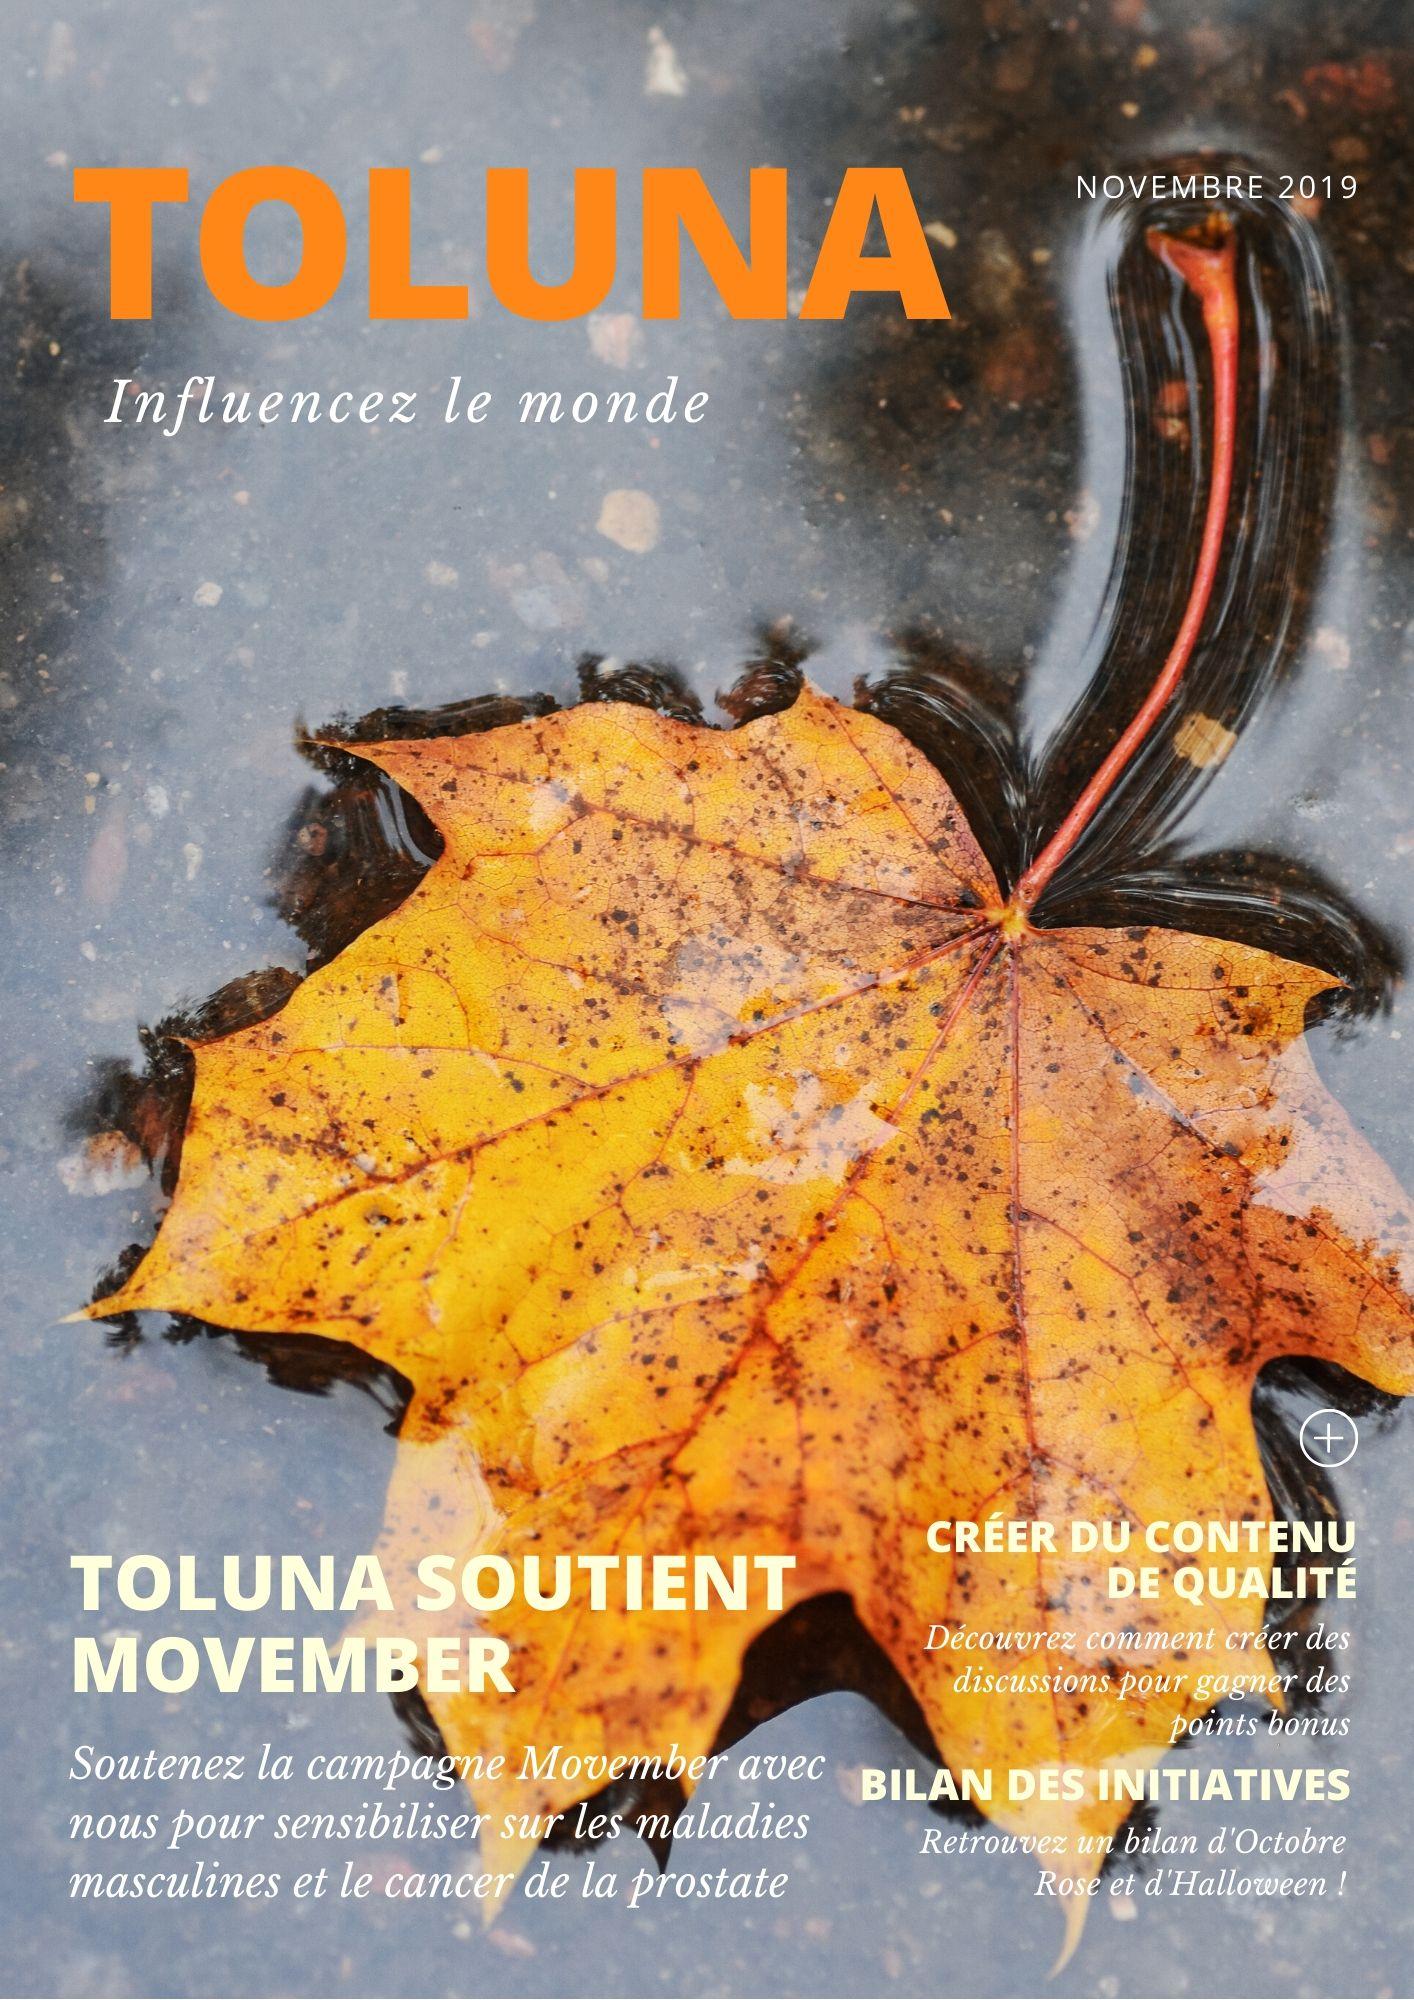 FR Toluna News - Nov 2